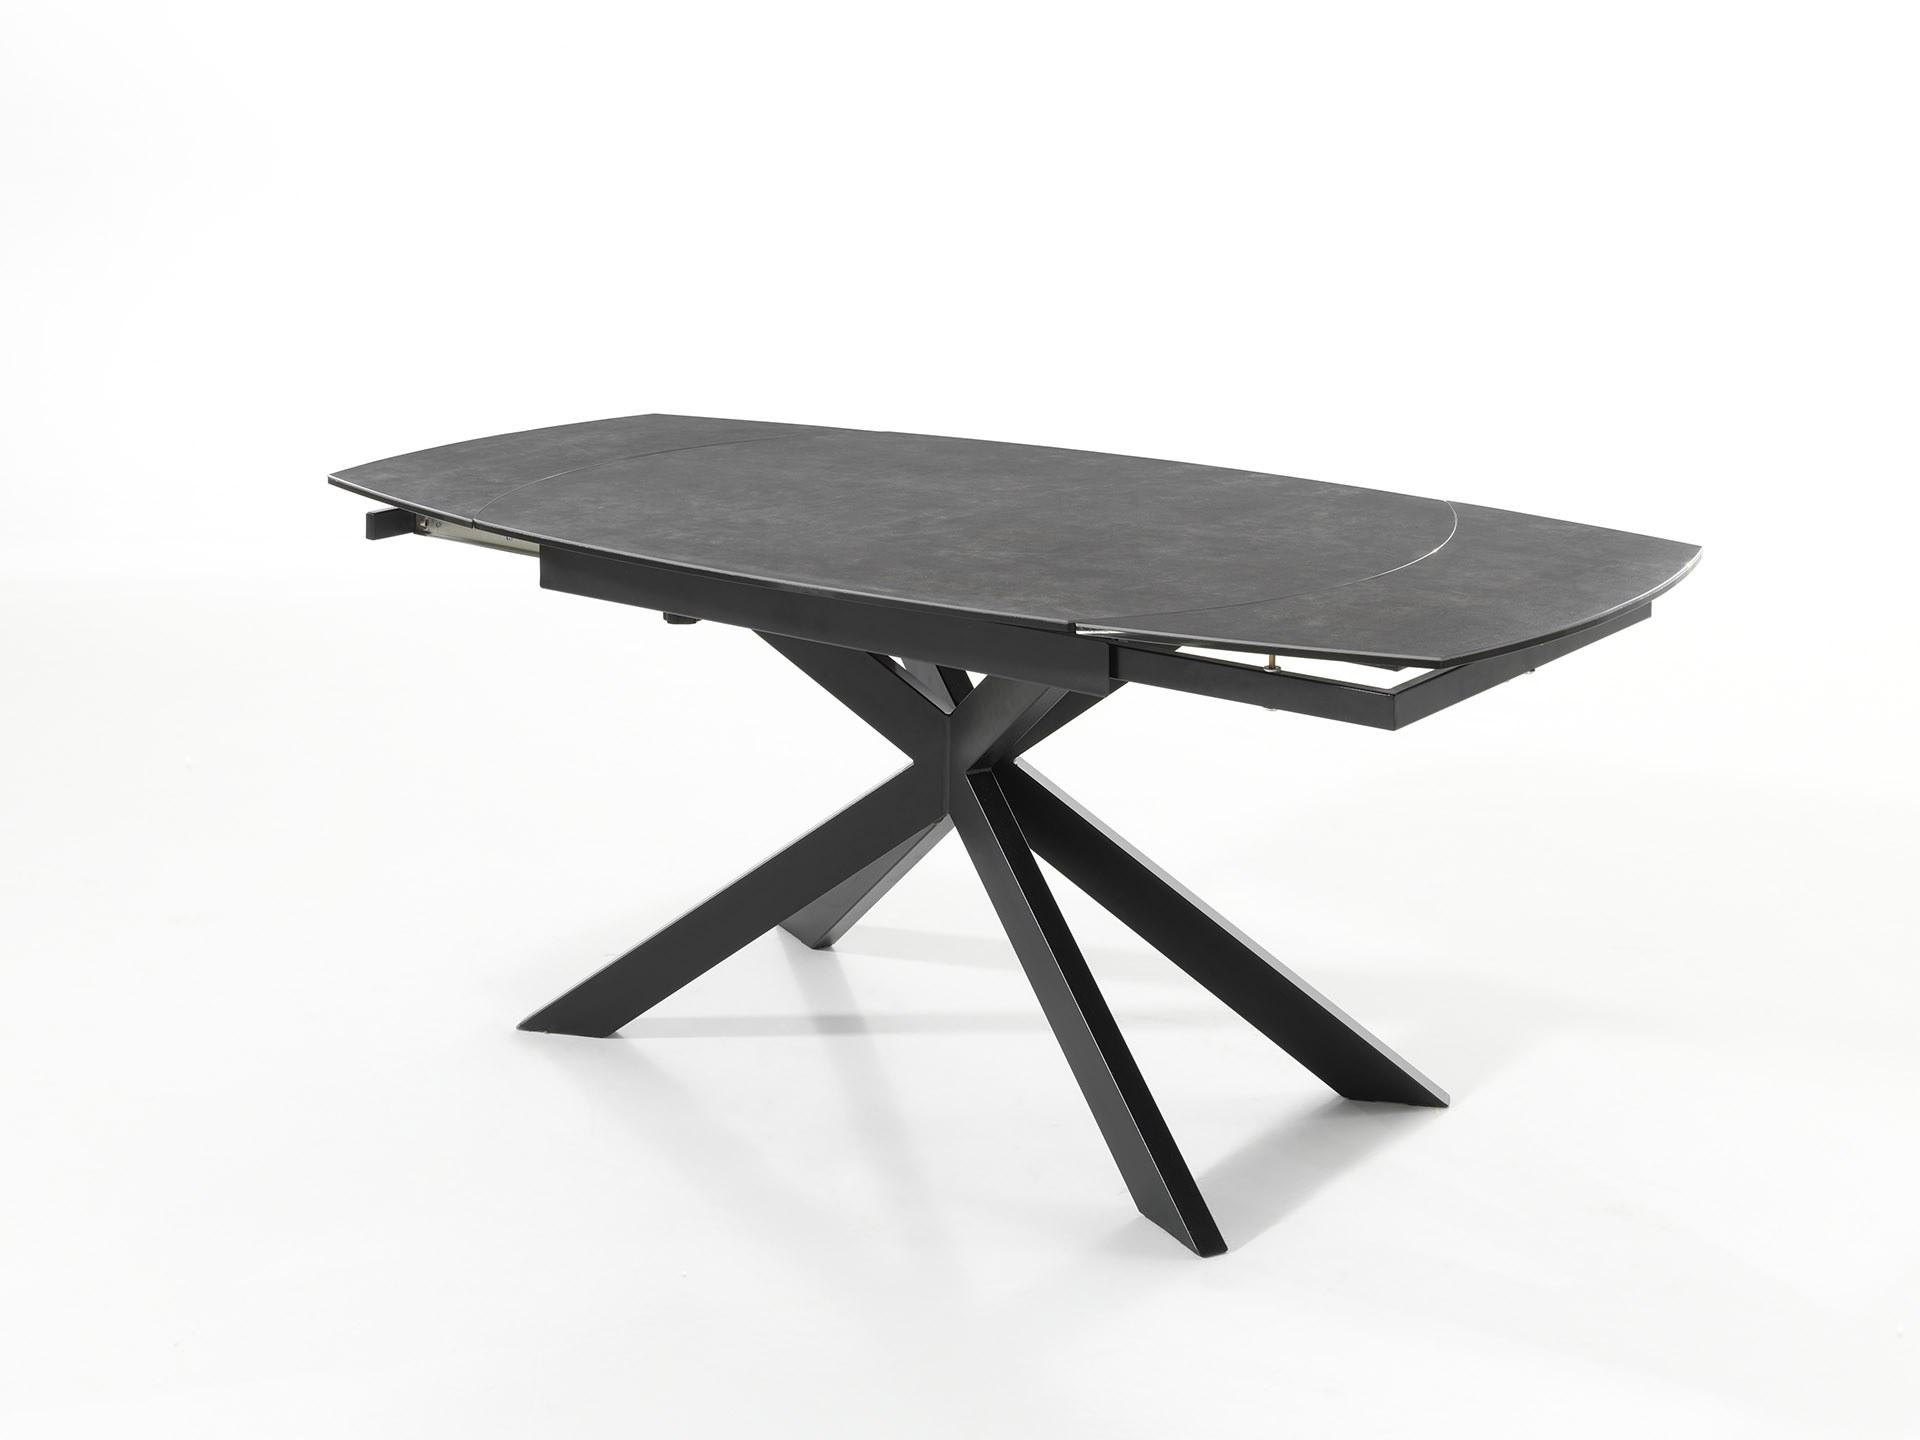 Table jeremy G ceramique pieds métal